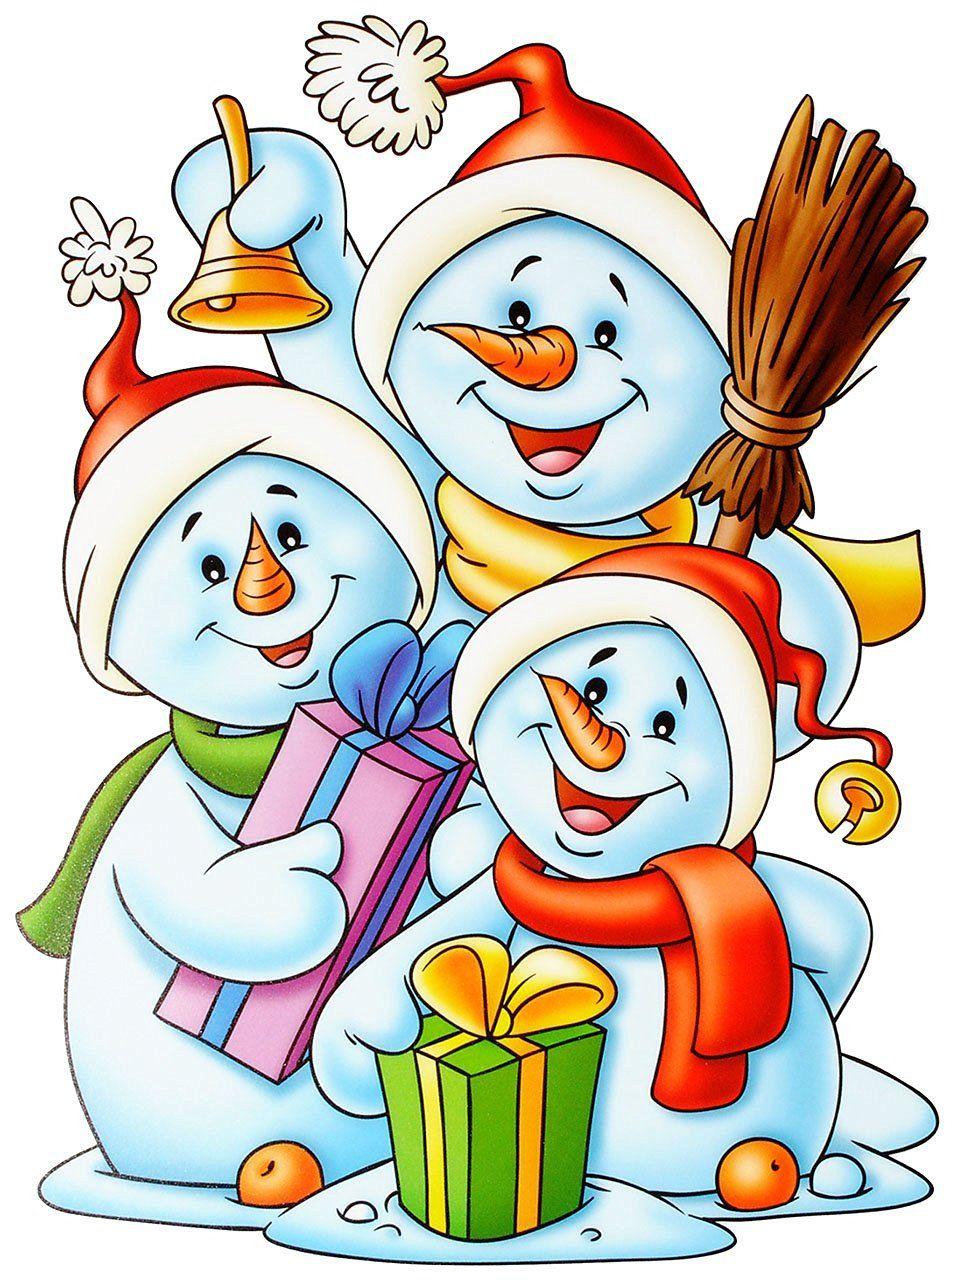 fensterbild aranyos k pek illusztr ci k pinterest snowman rh pinterest co uk snowman family clipart free